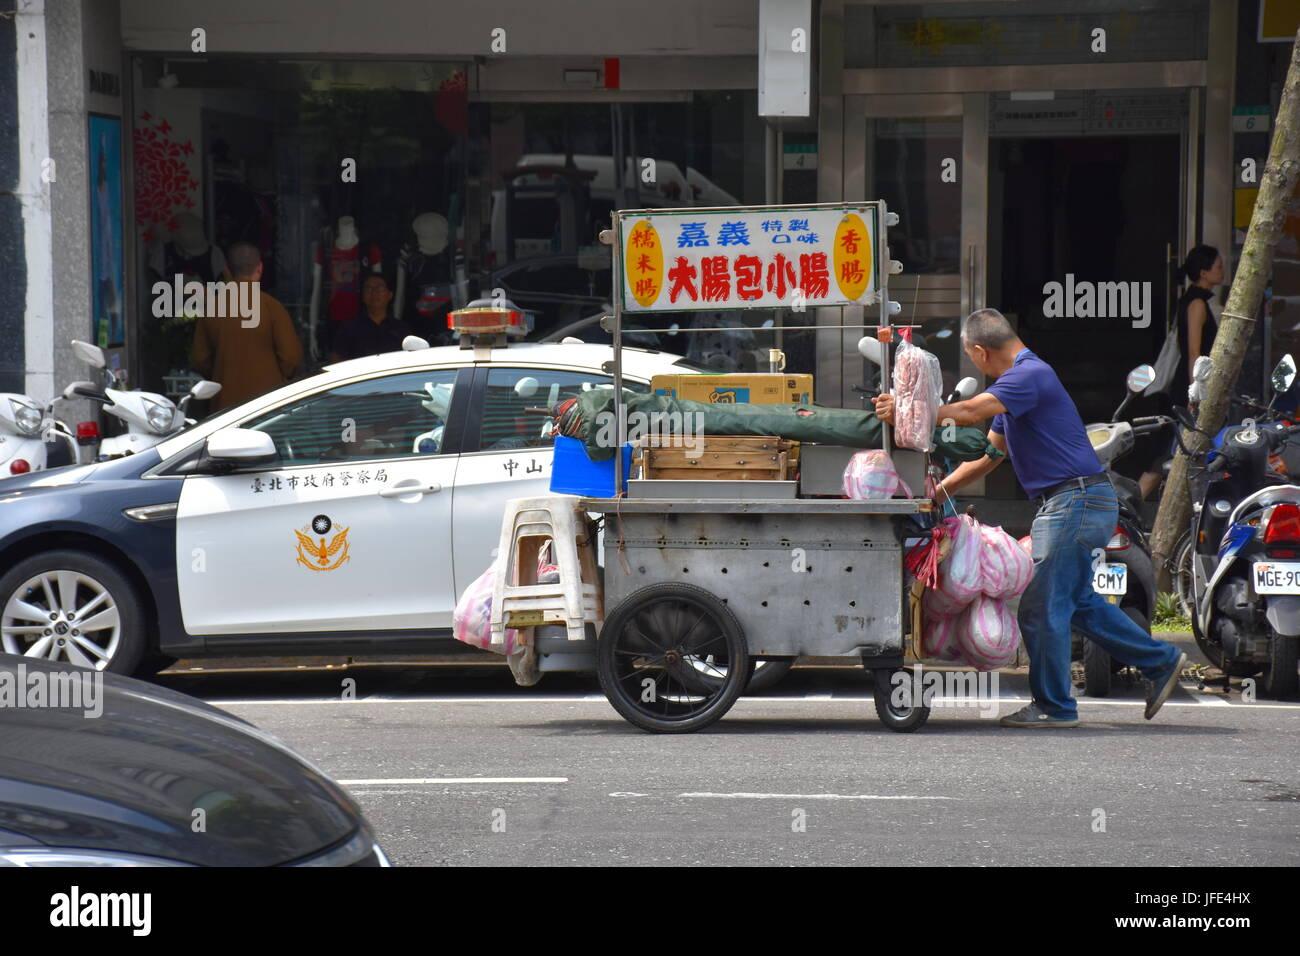 Un stand alimentaire personne pousse son panier au-delà d'un poste de police près de l'hôpital Mackay. Taipei, Taiwan. Banque D'Images